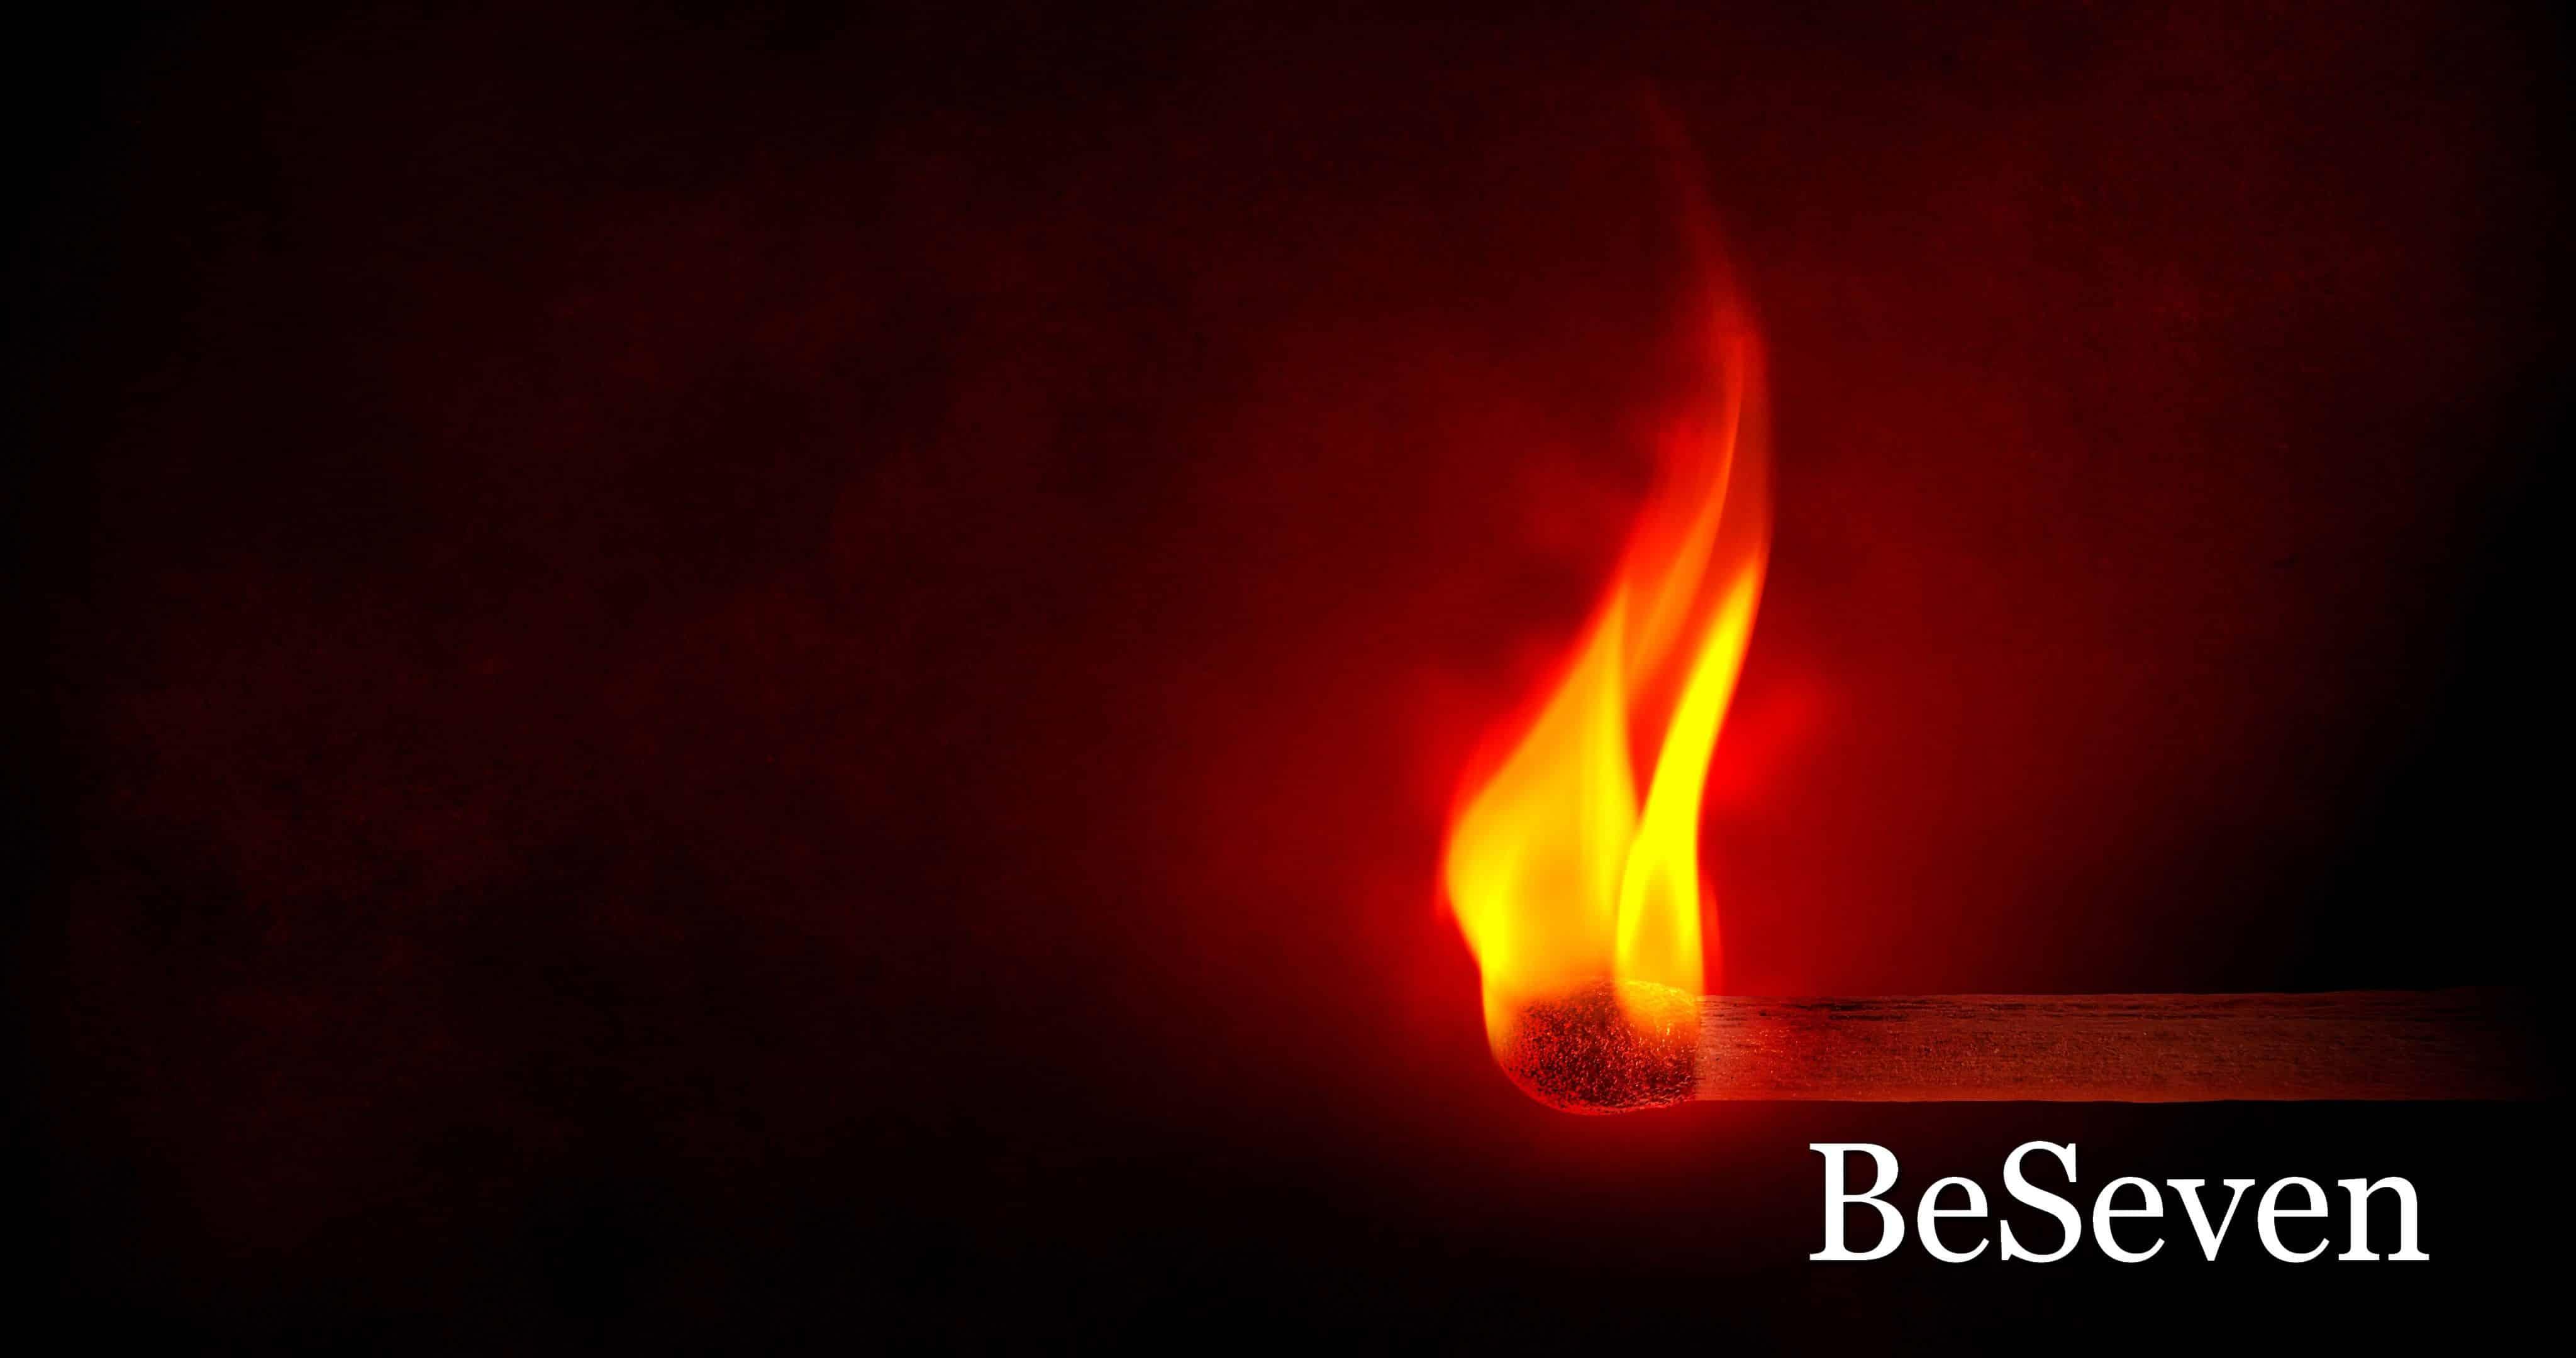 """Fond d'écran de BeSeven """"Lueur d'espoir"""""""